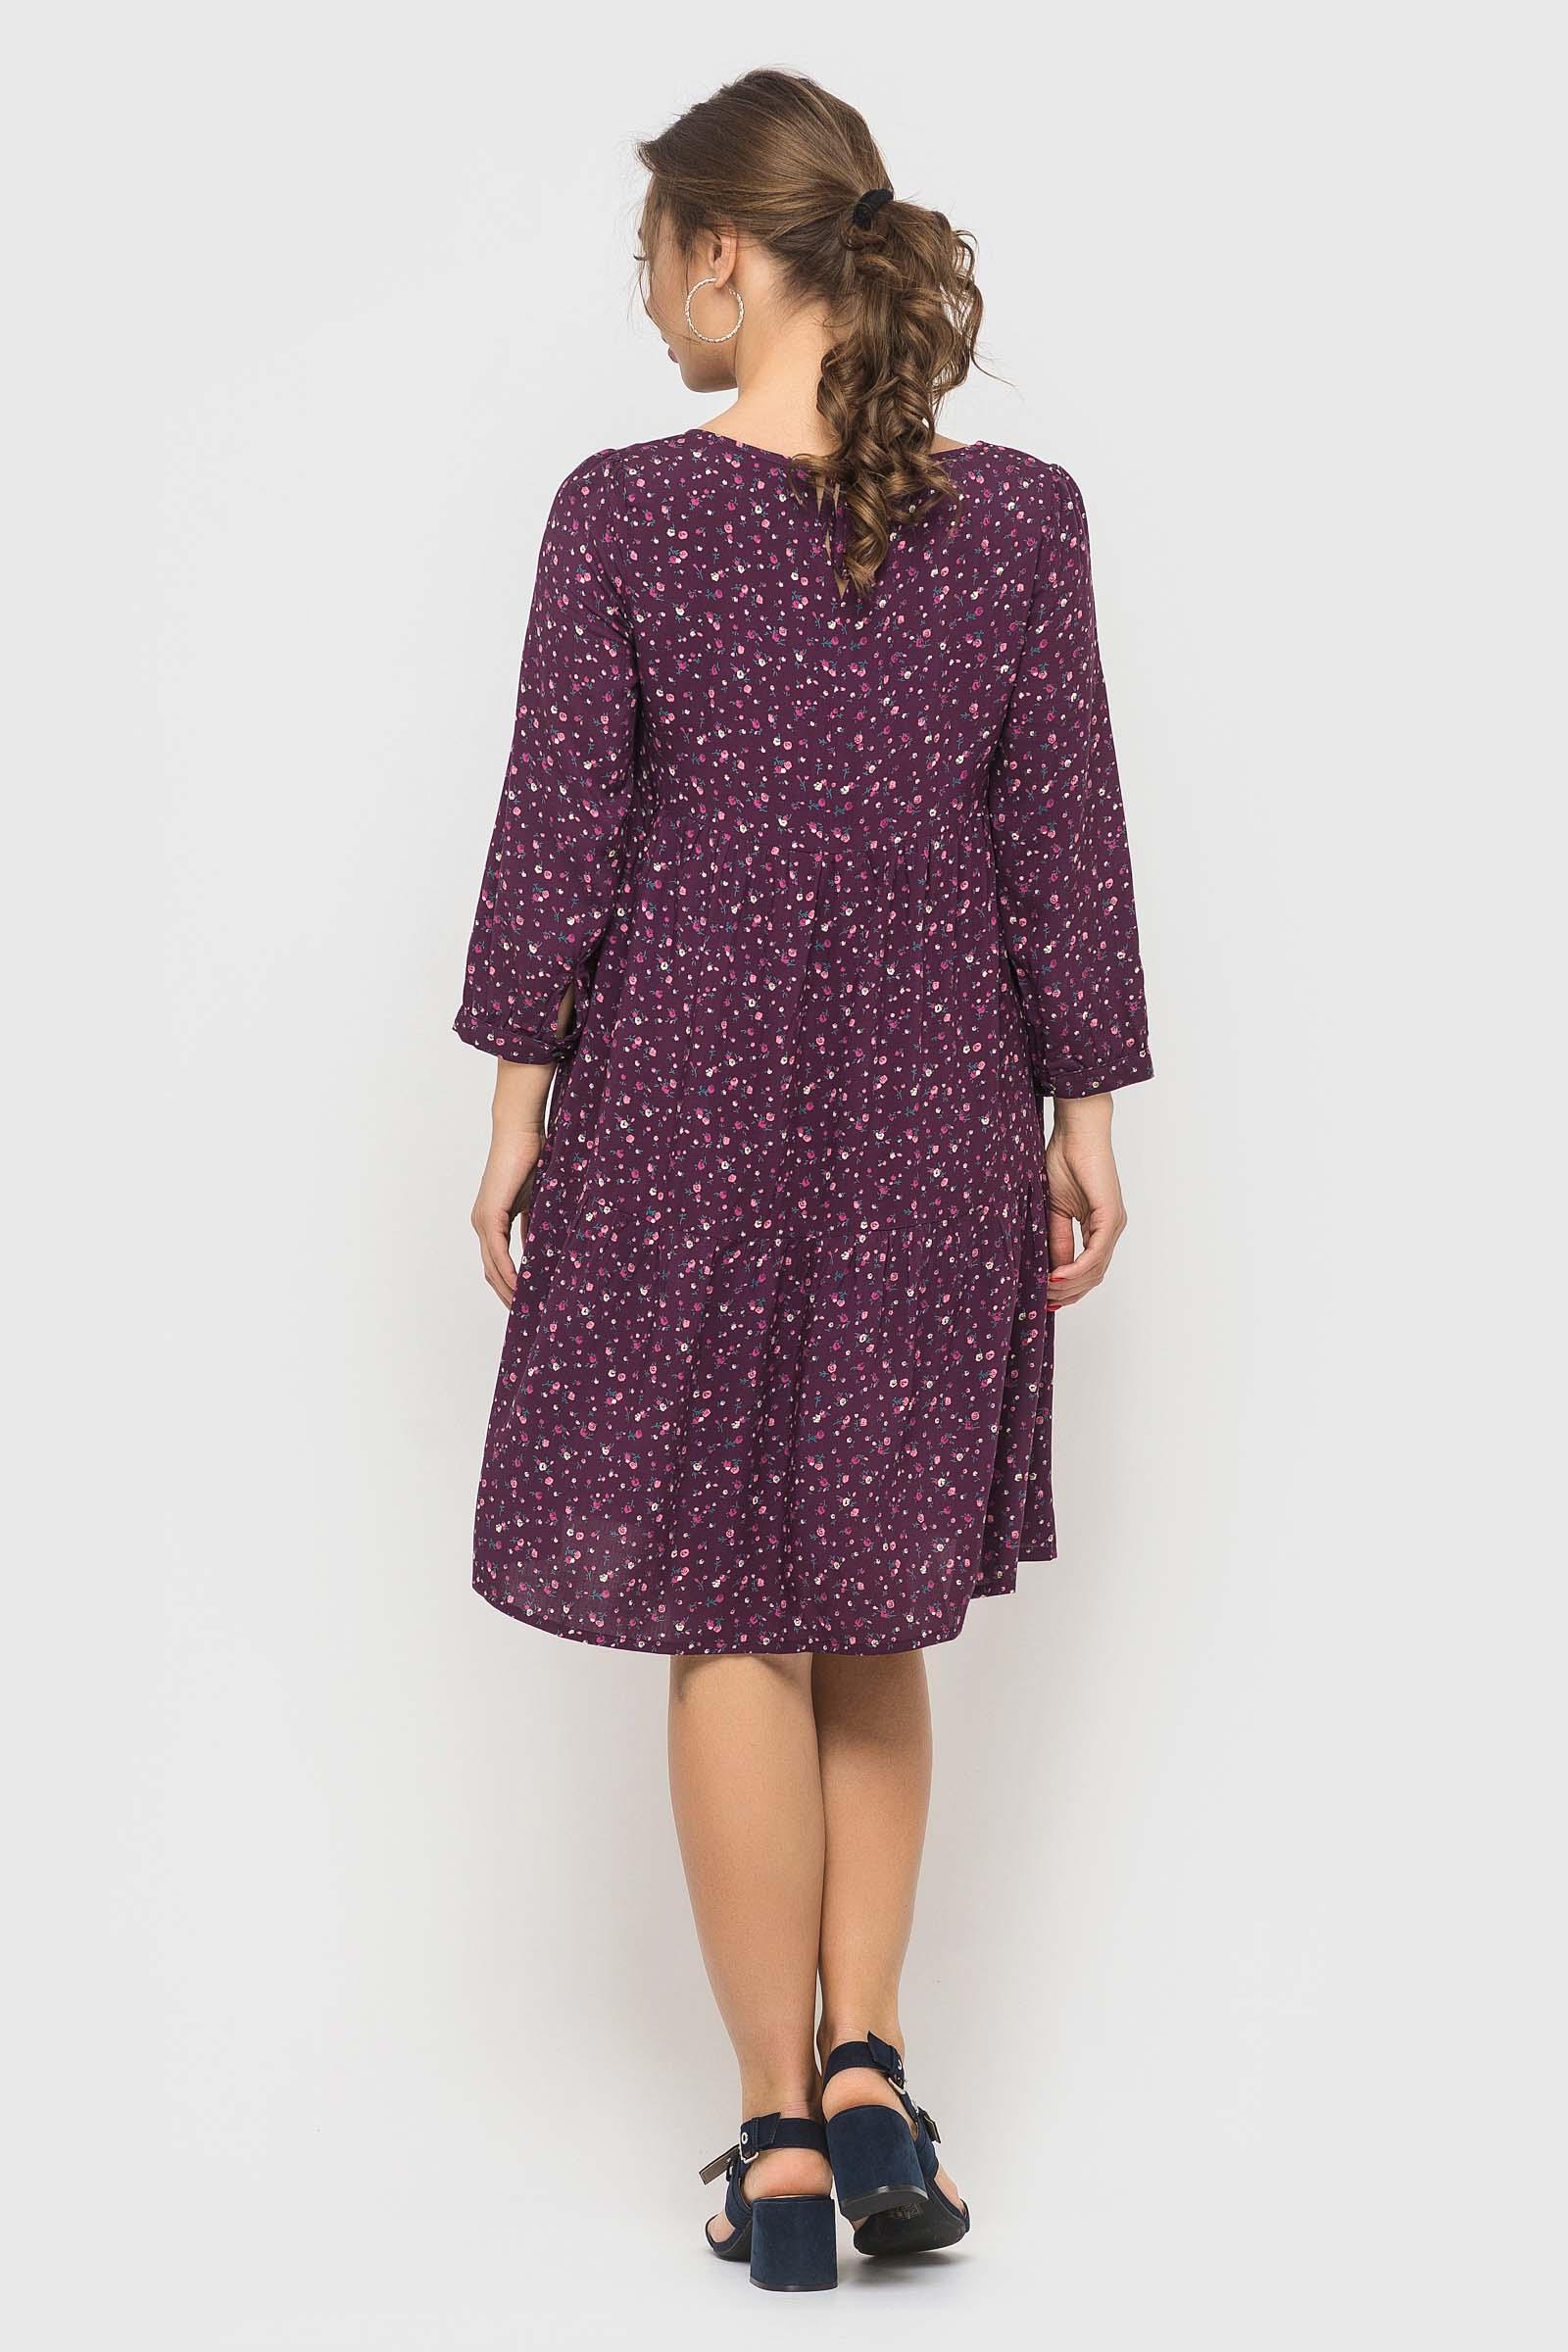 be art 2020 04 07182189 Купить платье